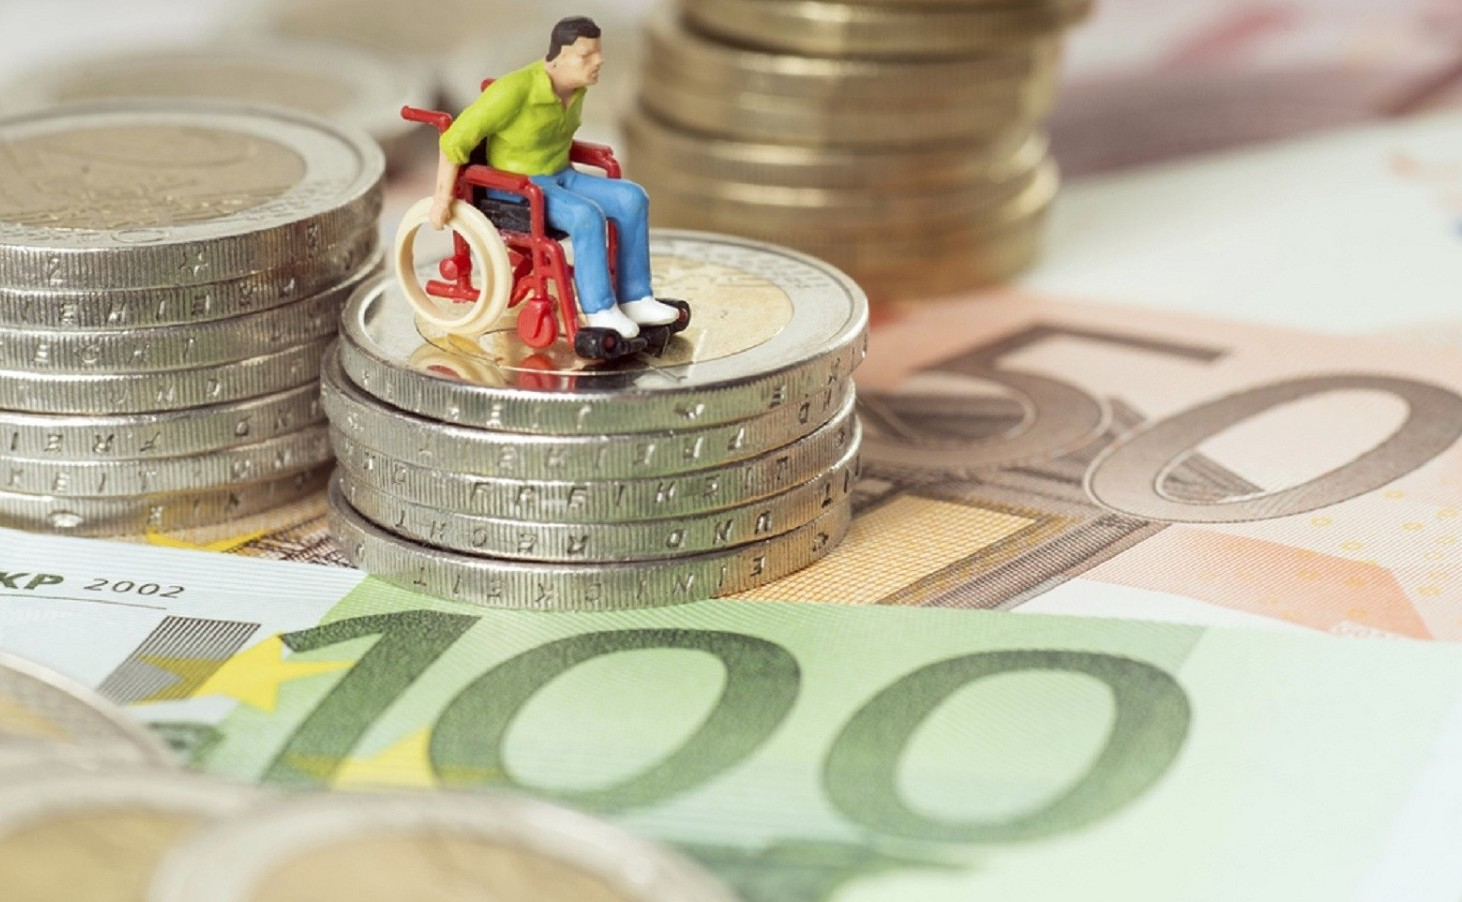 Invalidità civile e assegno: tutte le no